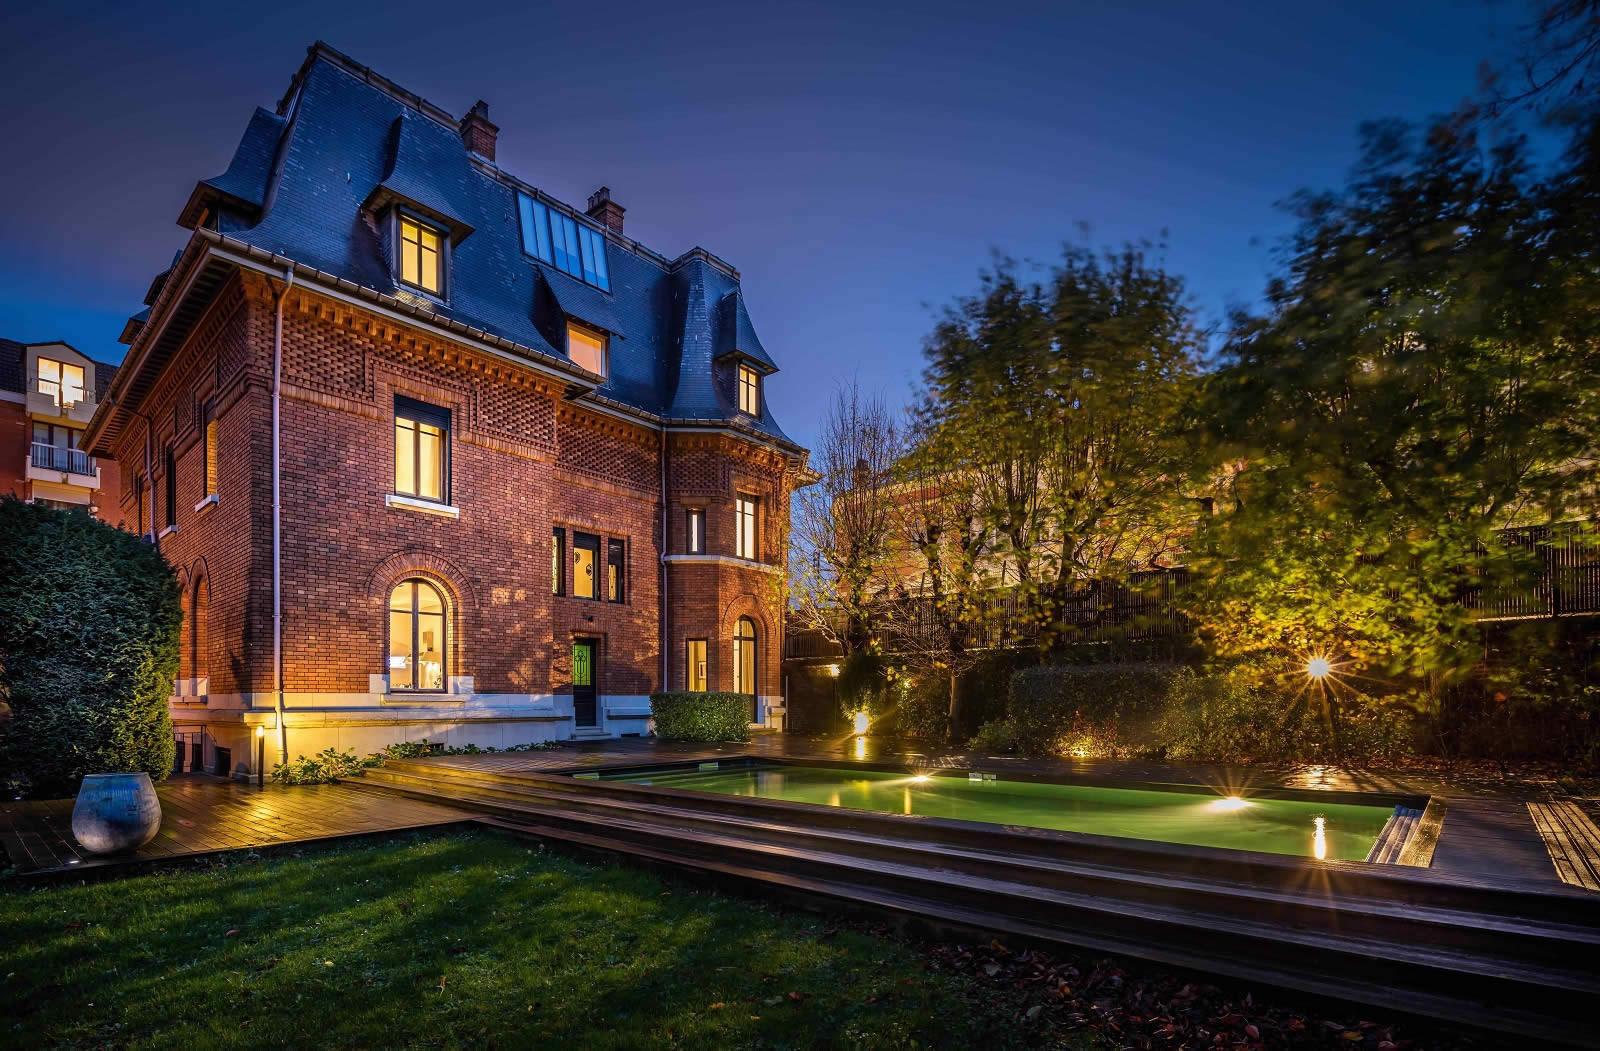 maison-hote-luxe-a-vendre-10-chambres-cheminee-piscine